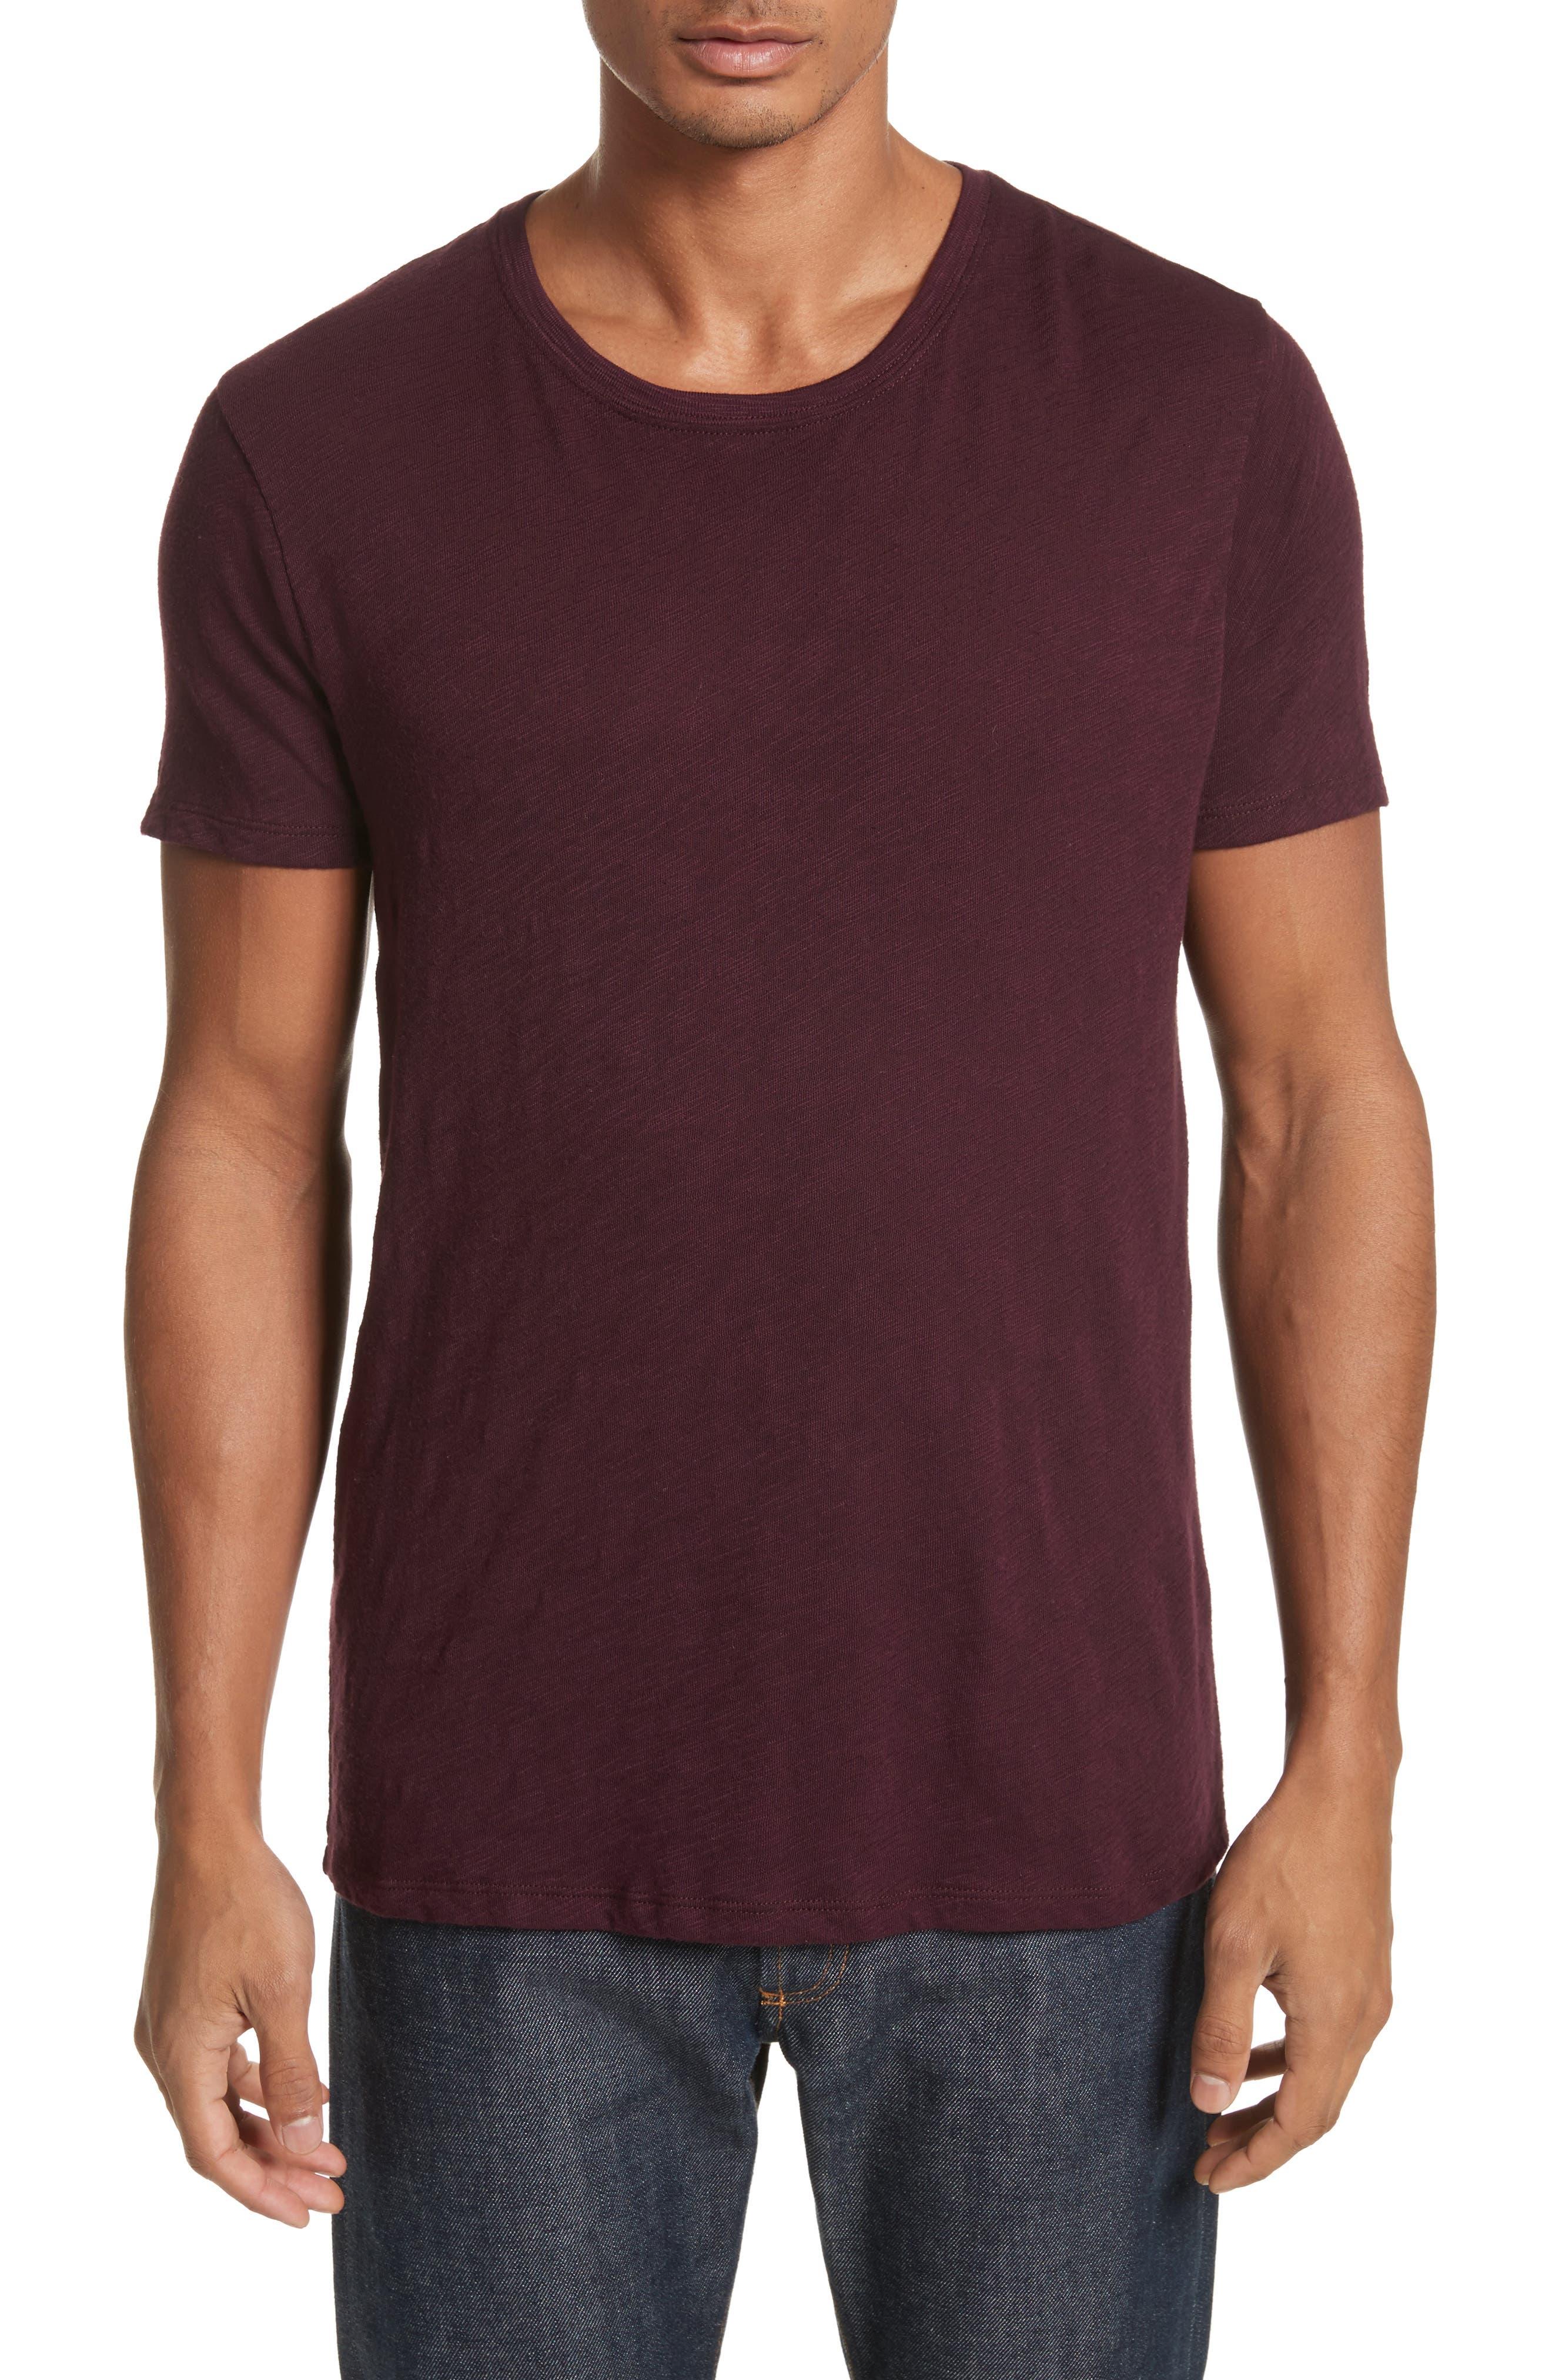 Alternate Image 1 Selected - ATM Anthony Thomas Melillo Crewneck T-Shirt